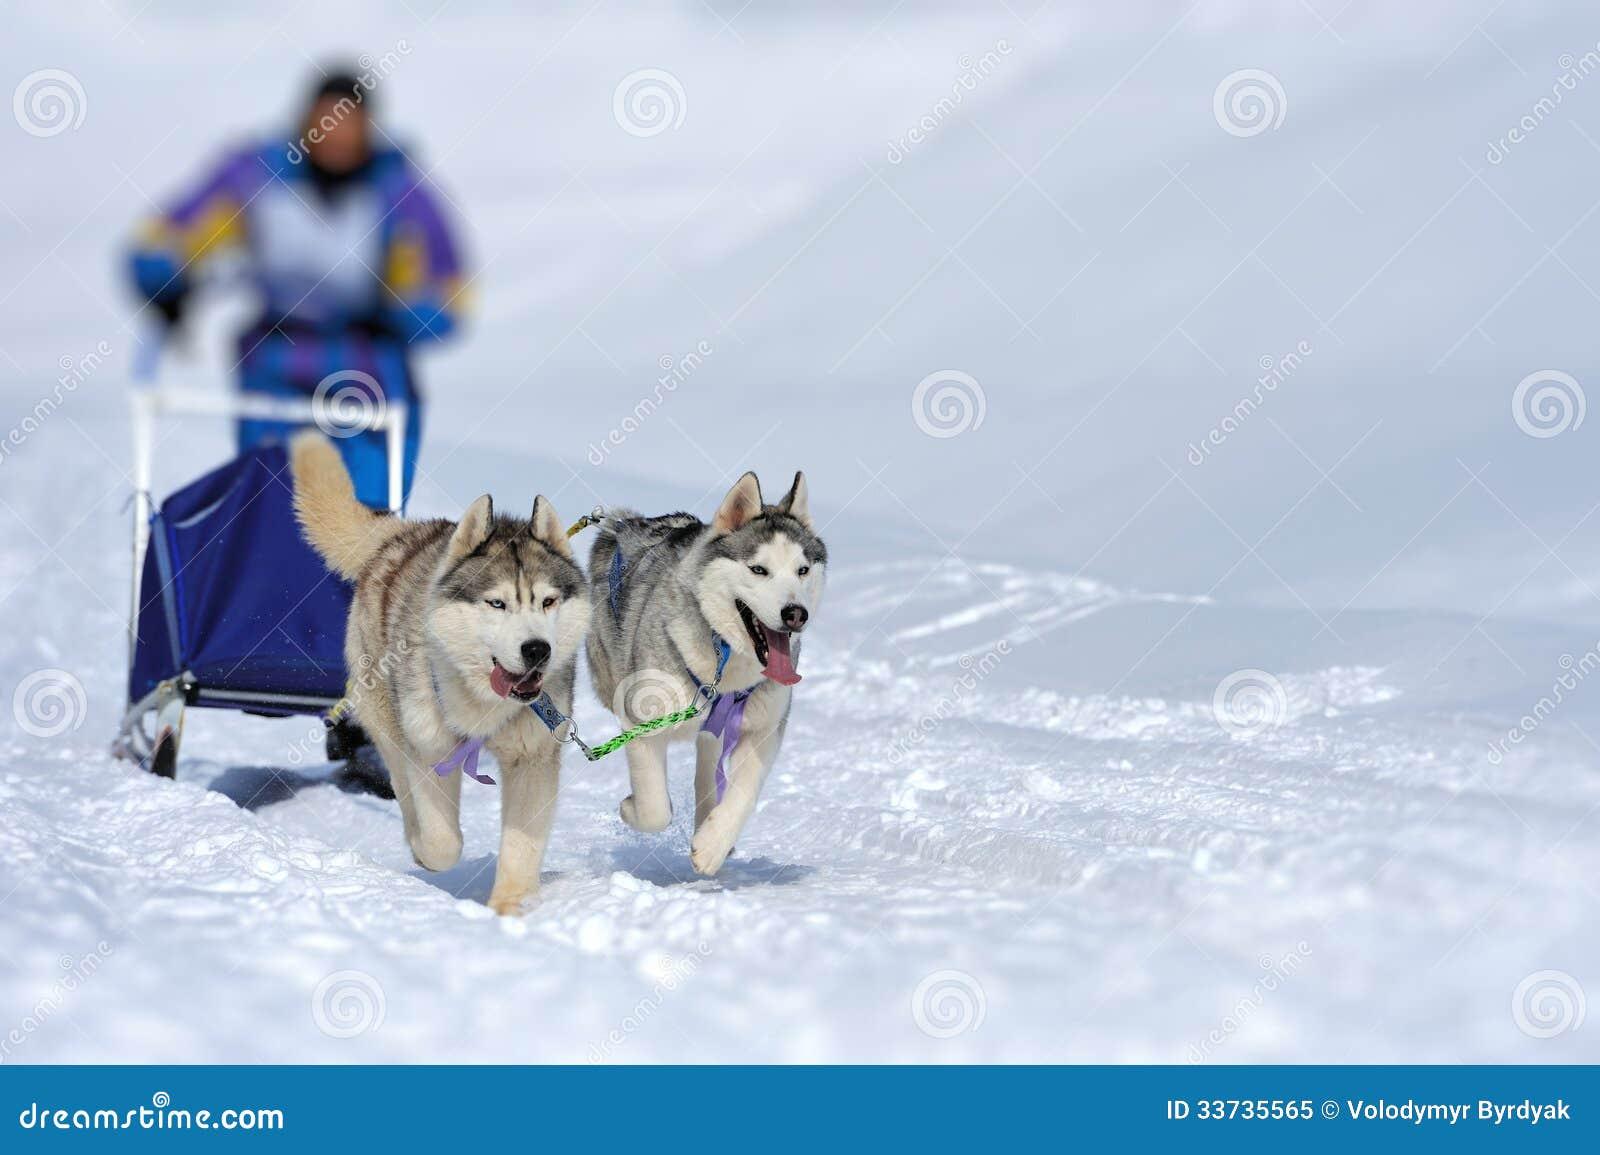 Команда сибирских собак скелетона